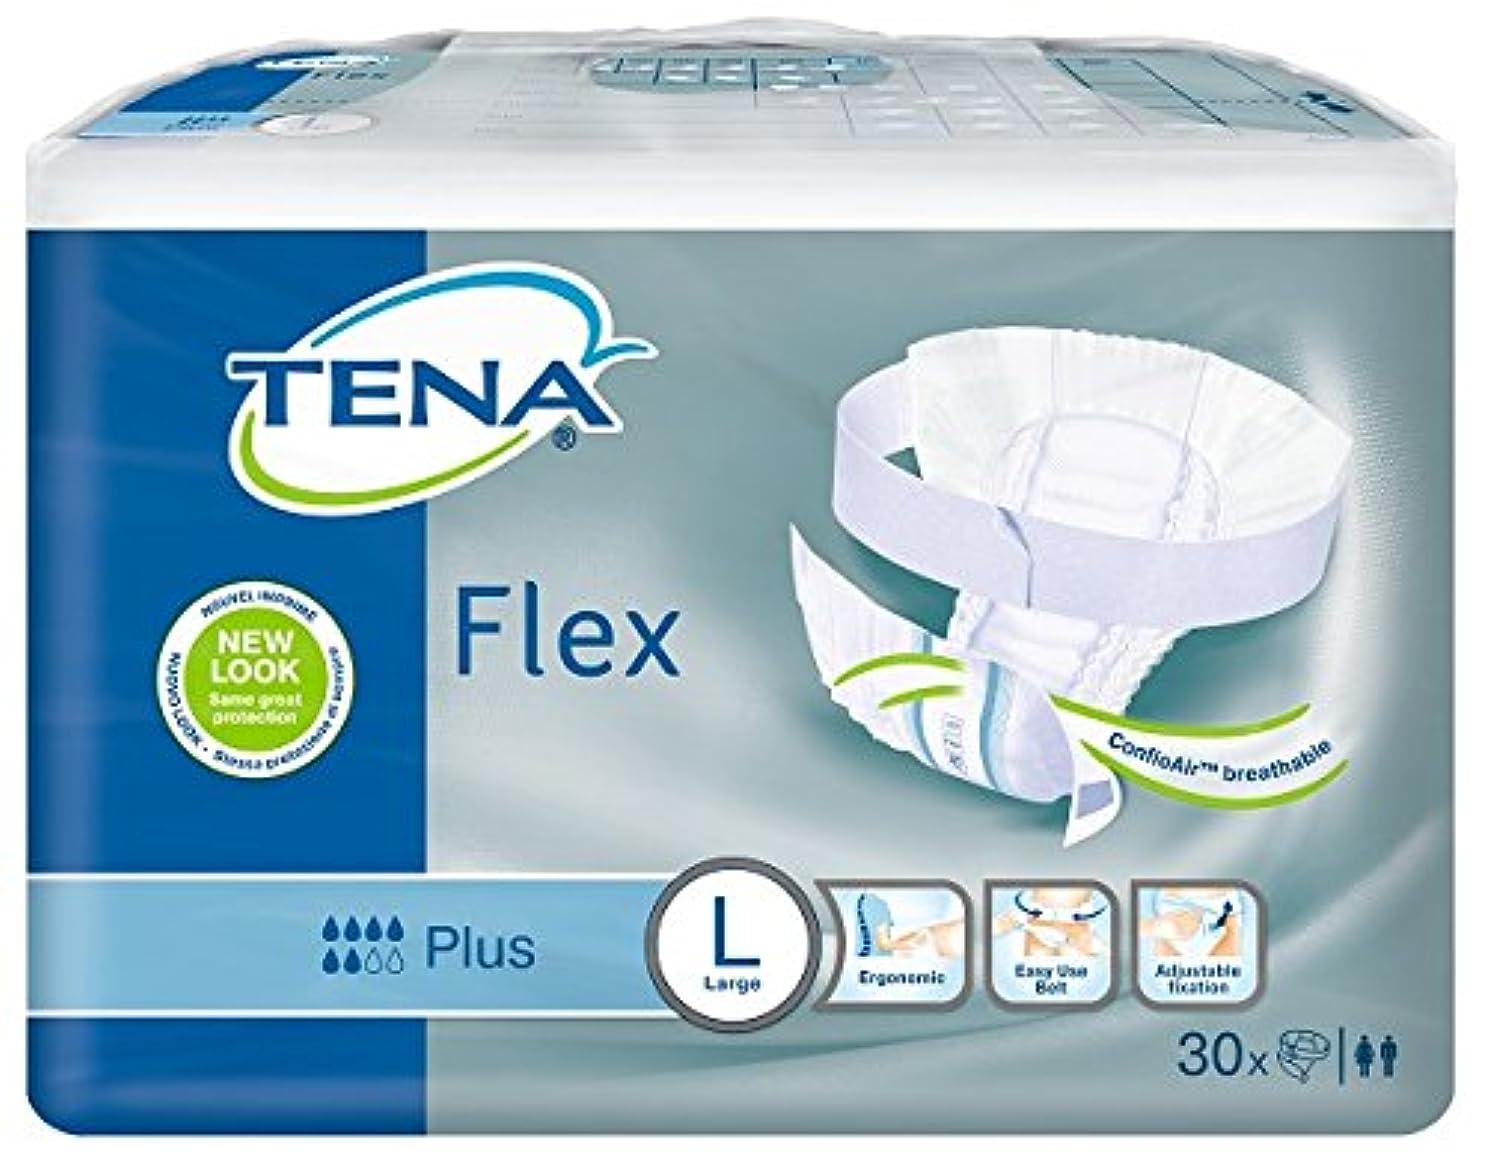 コンピューターゲームをプレイする振り子罪悪感テーナ TENA フレックス プラス Lサイズ 30枚